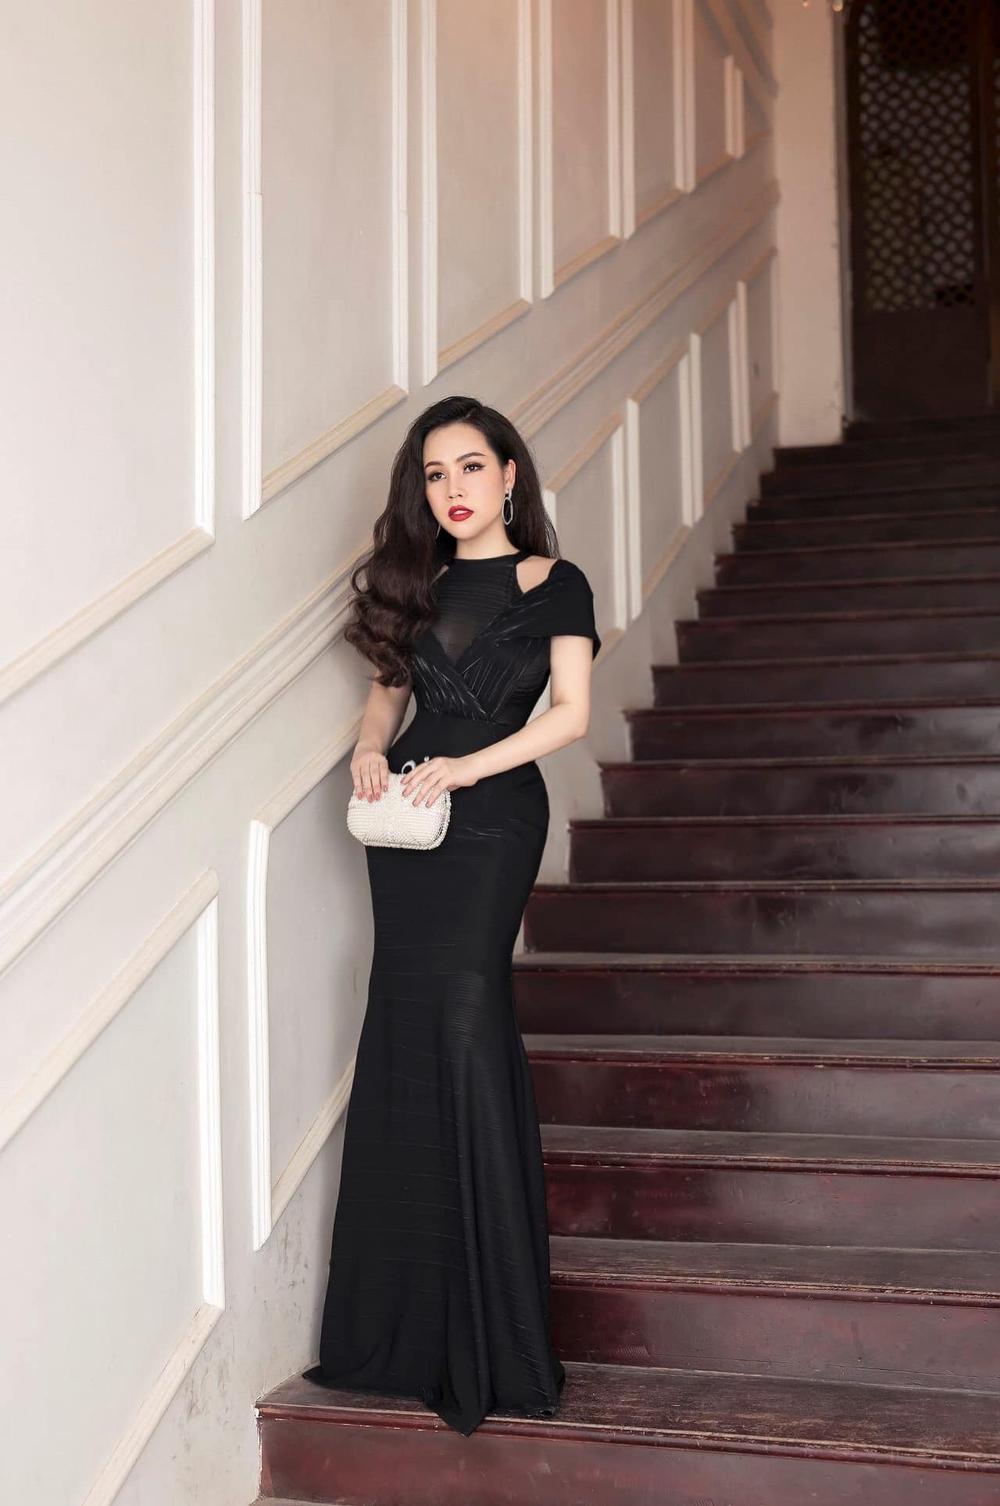 Diễn viên lùn nhất Việt Nam: Tạm dừng đóng phim, khiến cả mẹ và em ruột nổi tiếng mạng xã hội - Ảnh 1.